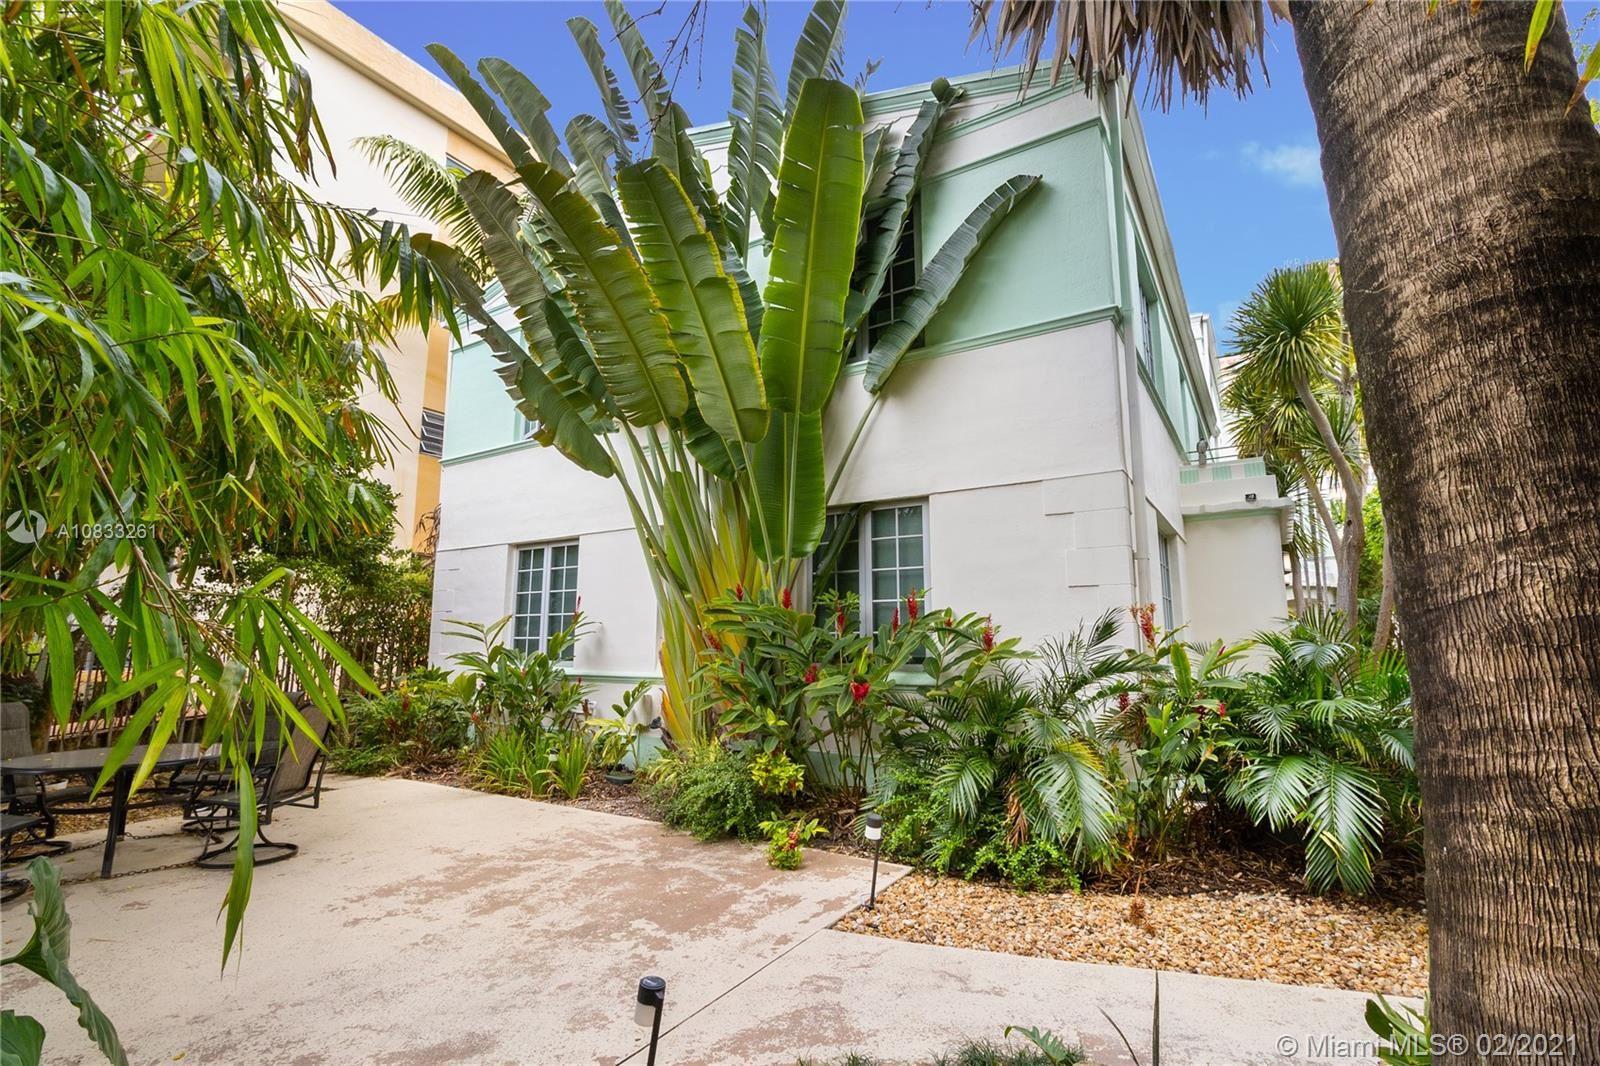 815 Euclid Ave #9, Miami Beach, FL 33139 - #: A10833261